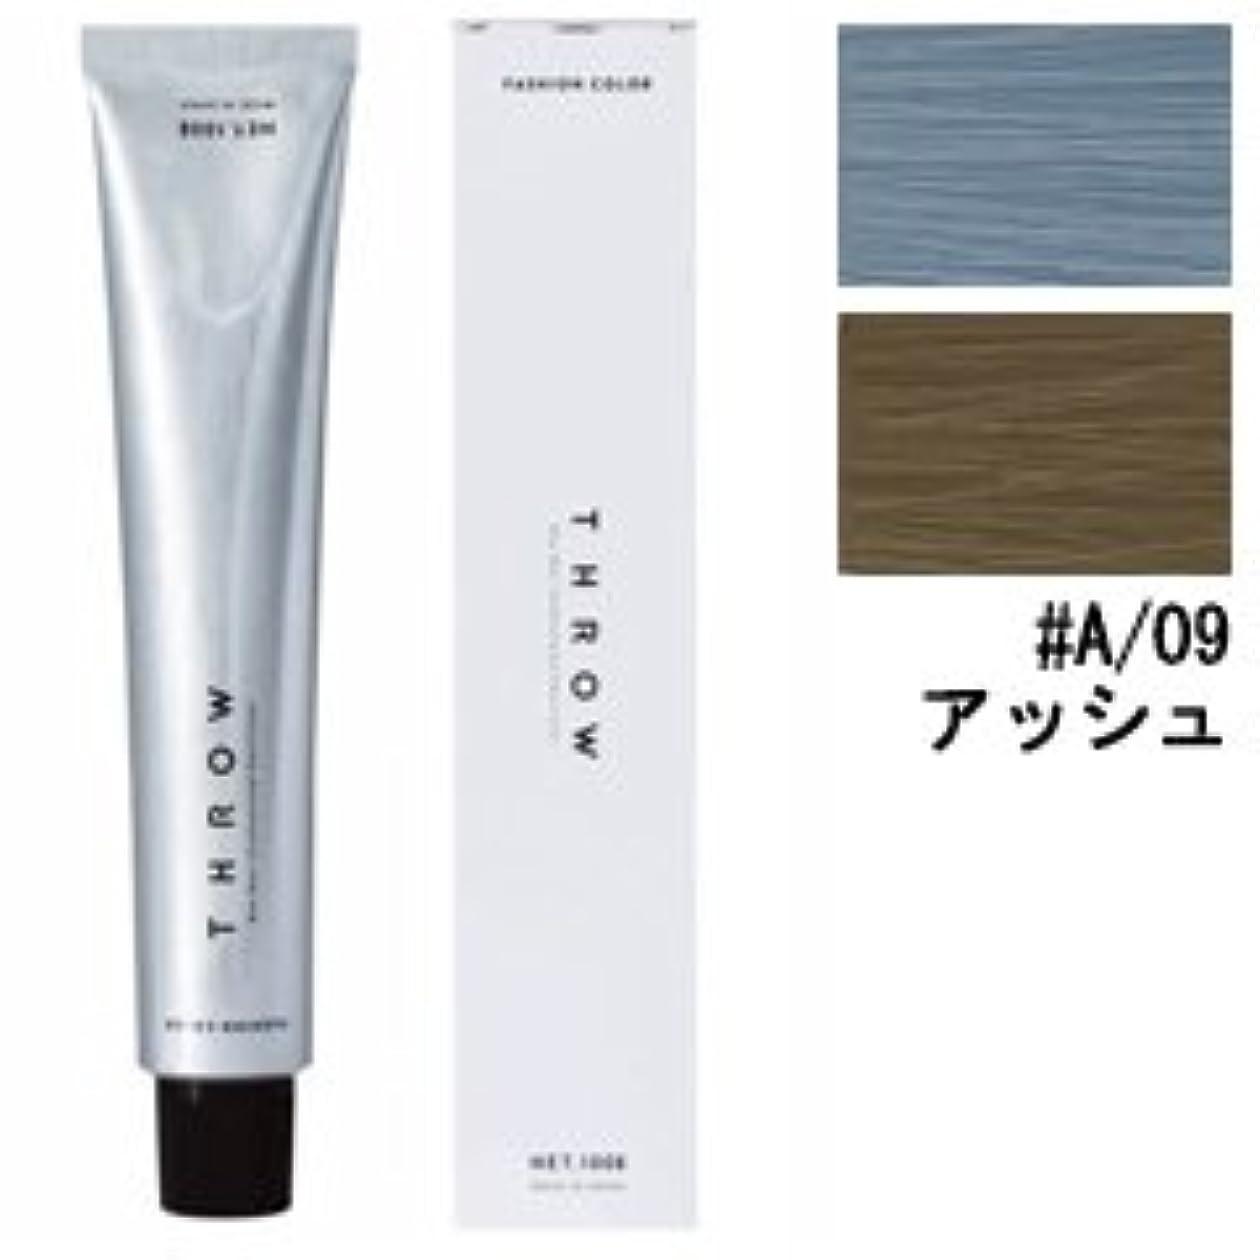 ここにリテラシーきつく【モルトベーネ】スロウ ファッションカラー #A/09 アッシュ 100g